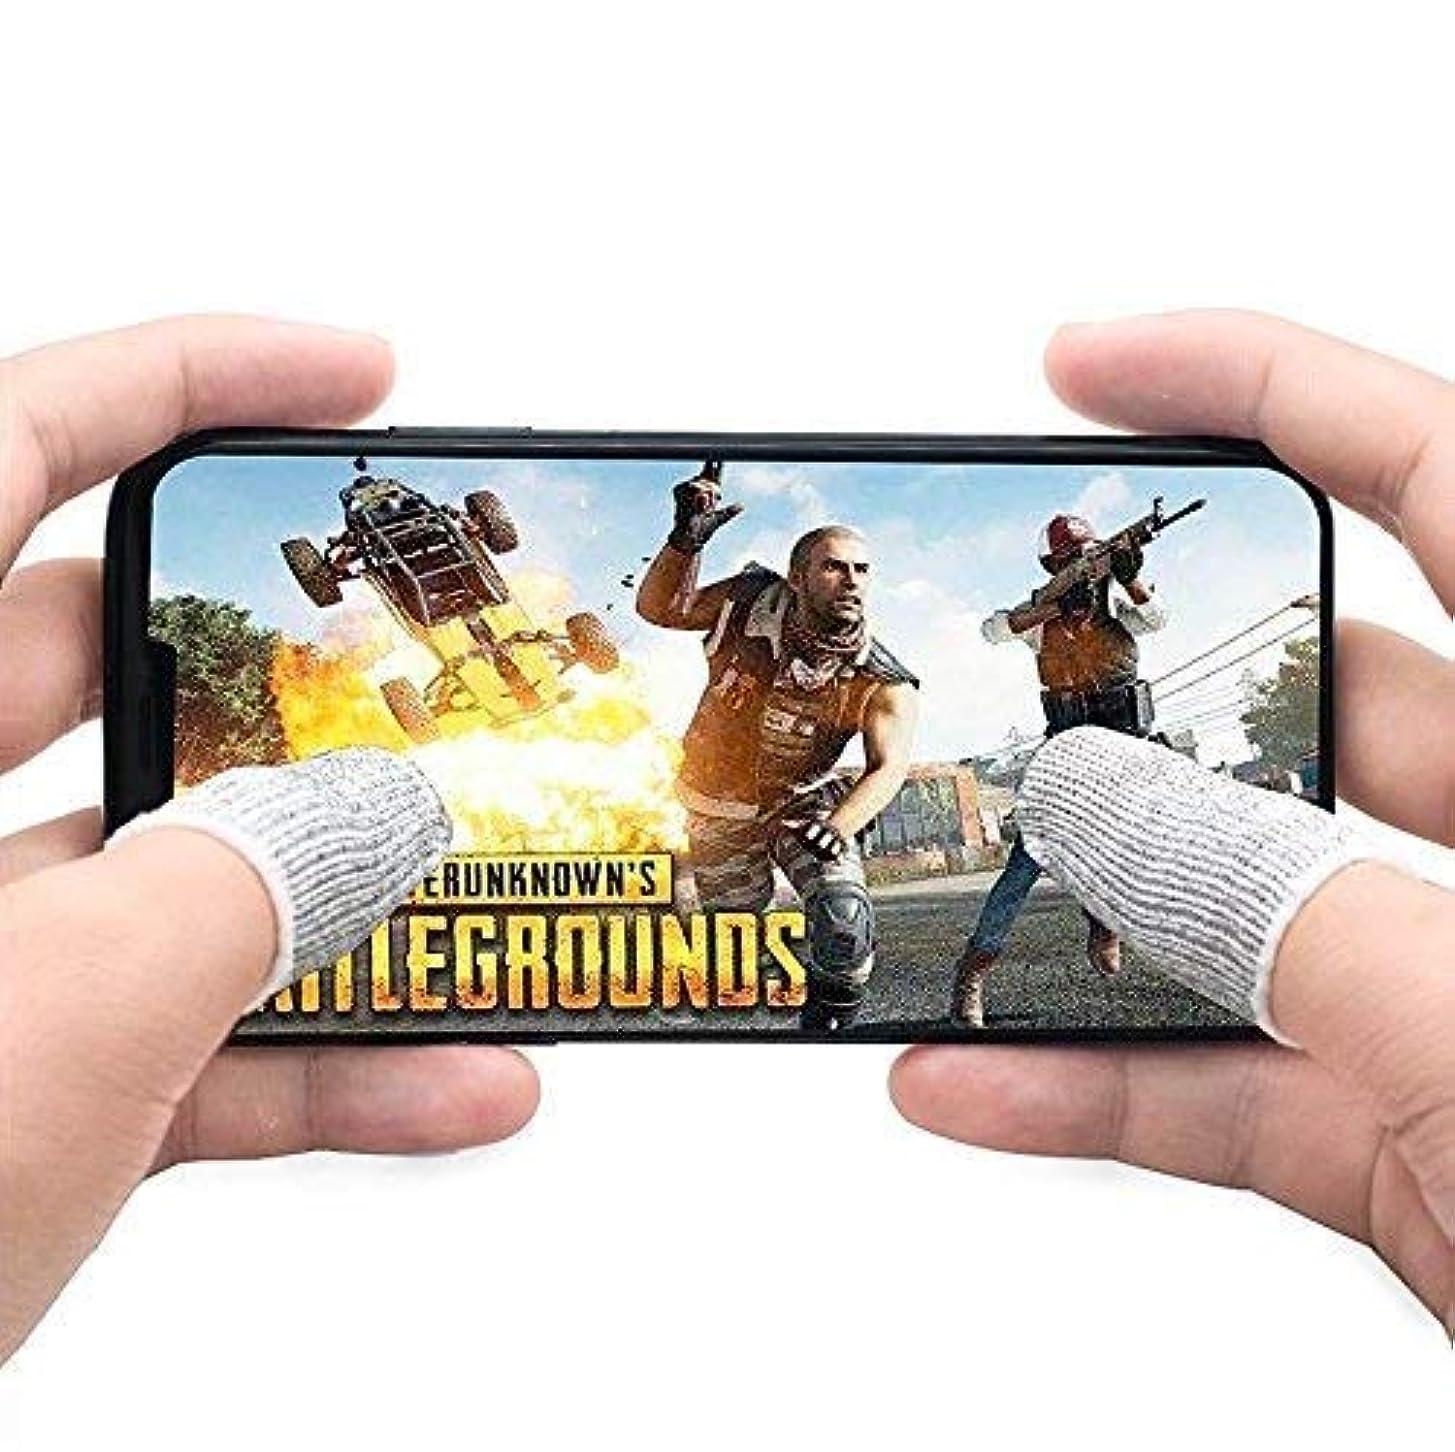 することになっている経済現象荒野行動 PUBG Mobile スマホゲーム 手汗対策 ほつれ止め 指サック超薄 銀繊維 優れた快適性 耐磨耗 伸縮性 指カバー 反応早い 操作性アップ 携帯ゲーム iPhone/Android/iPad 対応 4個入り